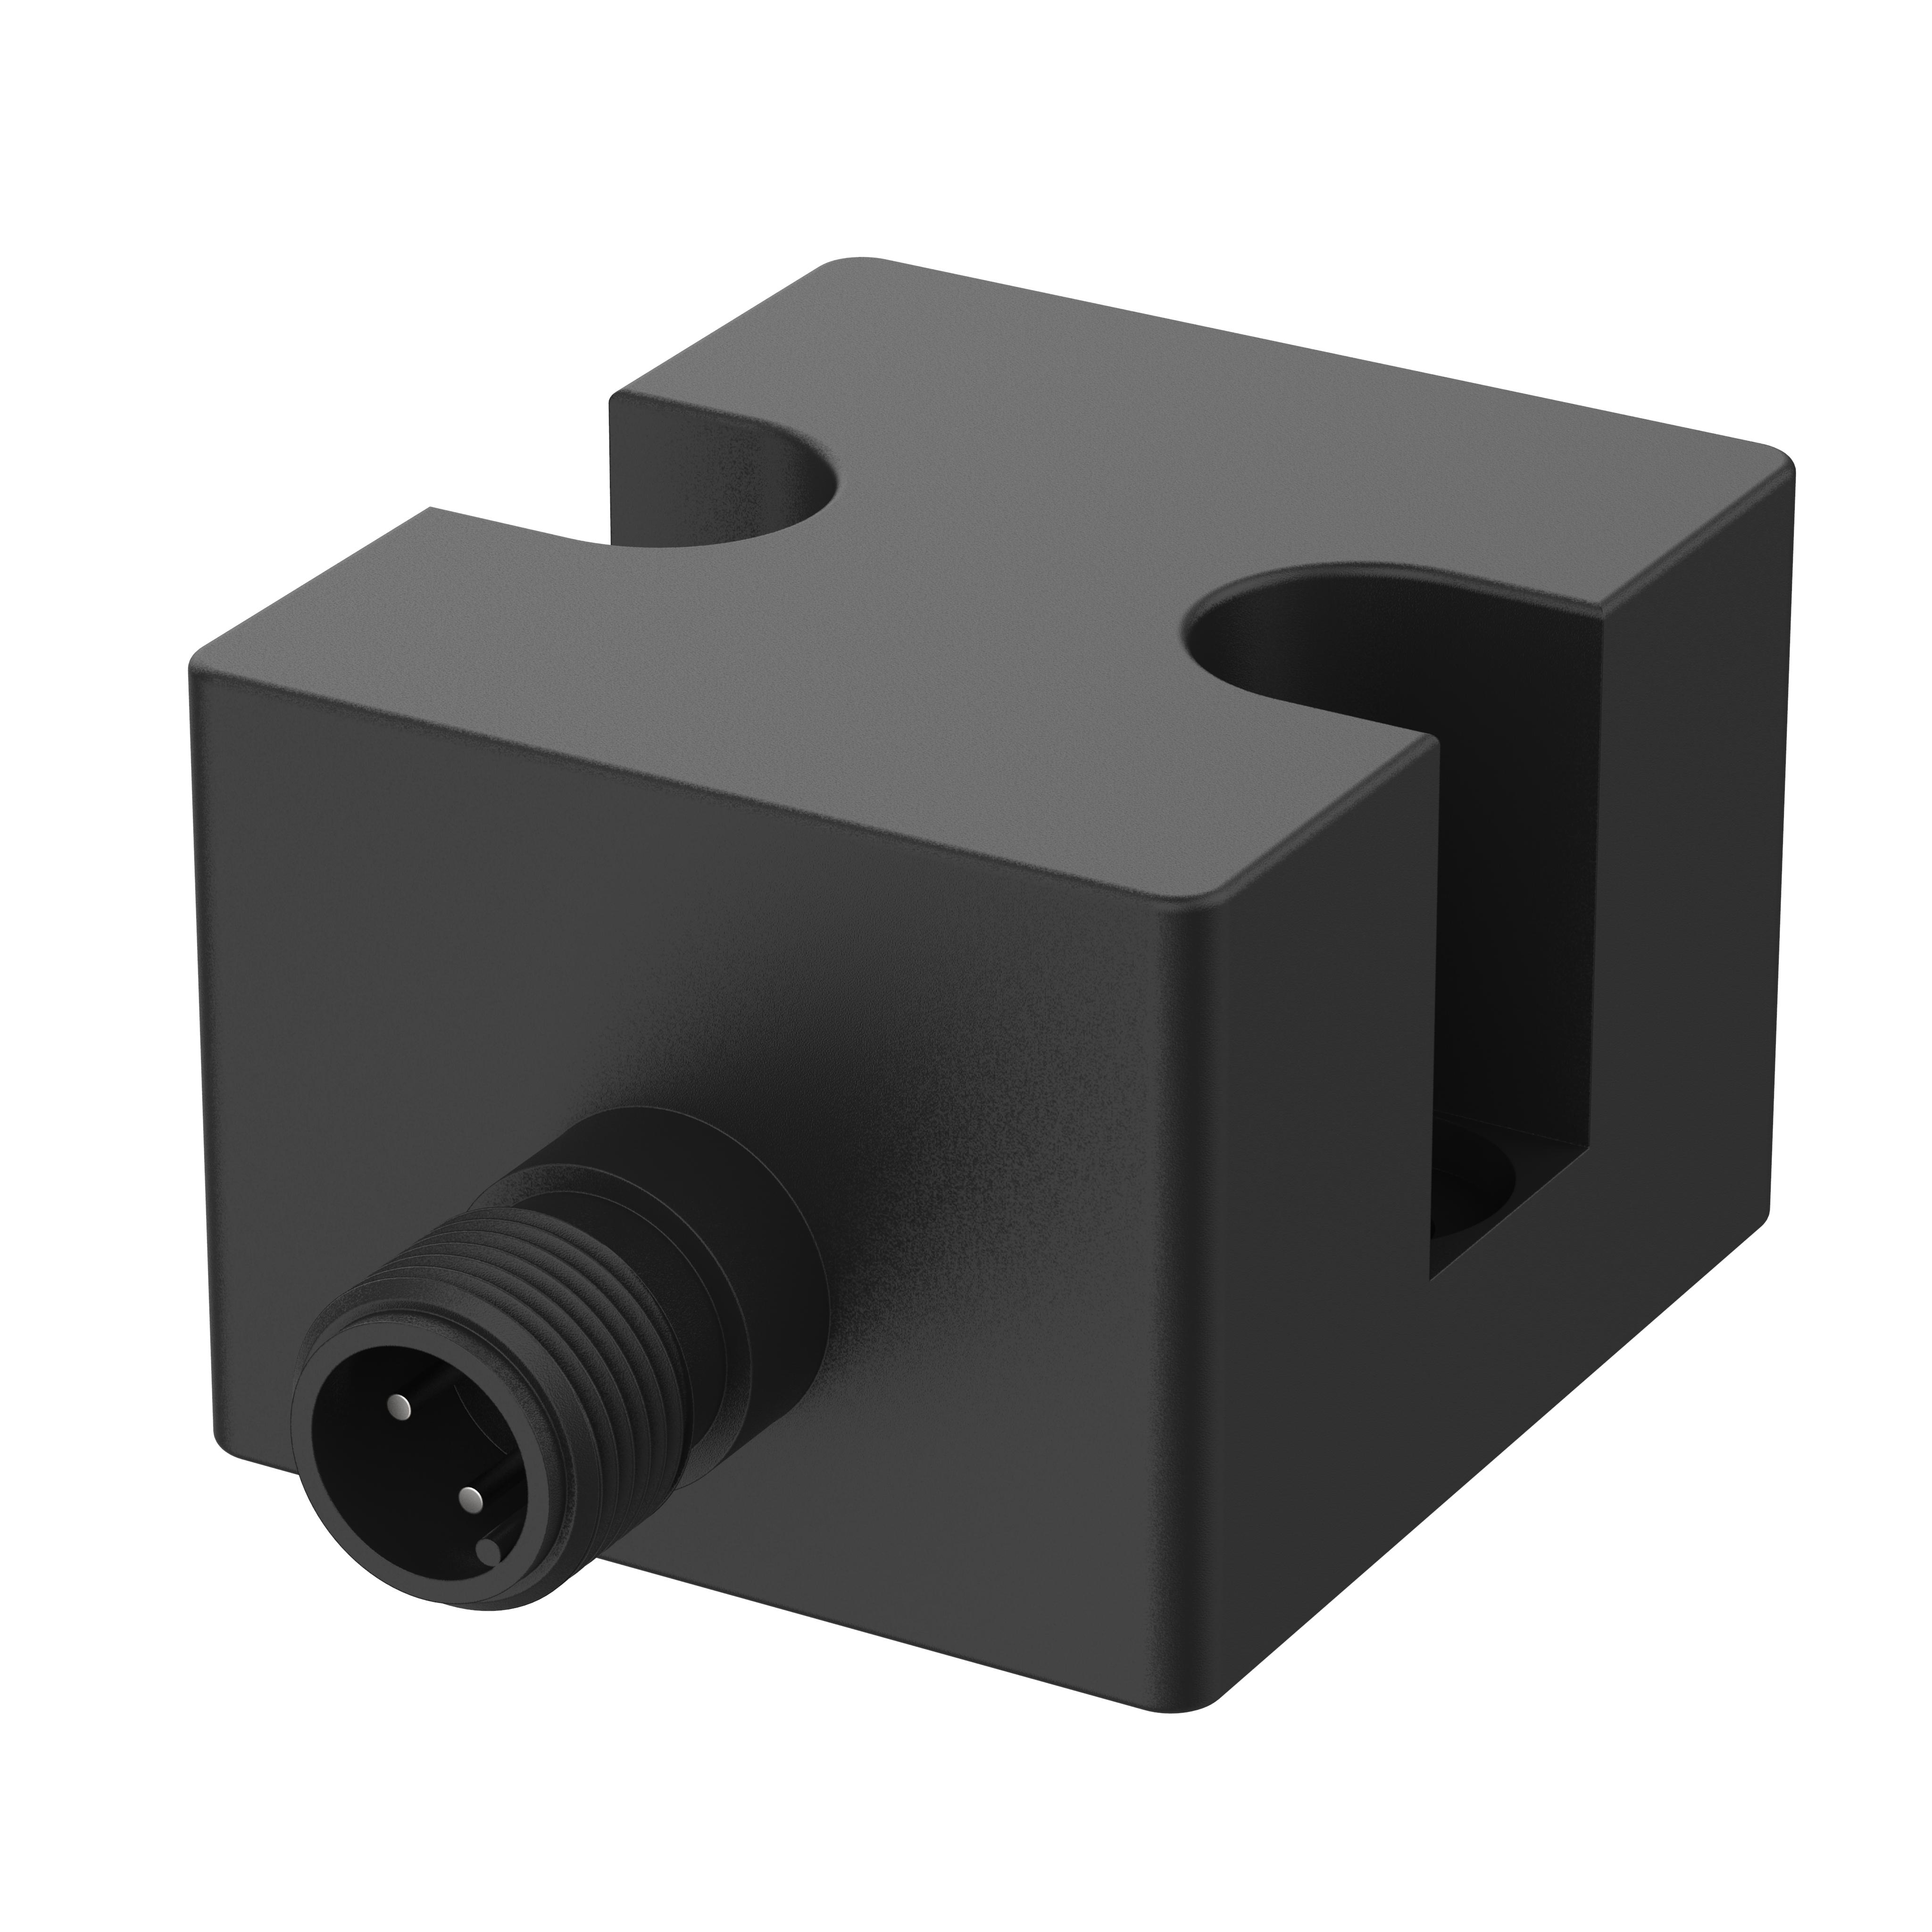 Sicherheitssensor - 161271AY - magnetisch betätigt - Schließer/Öffner, Einbaustecker M12